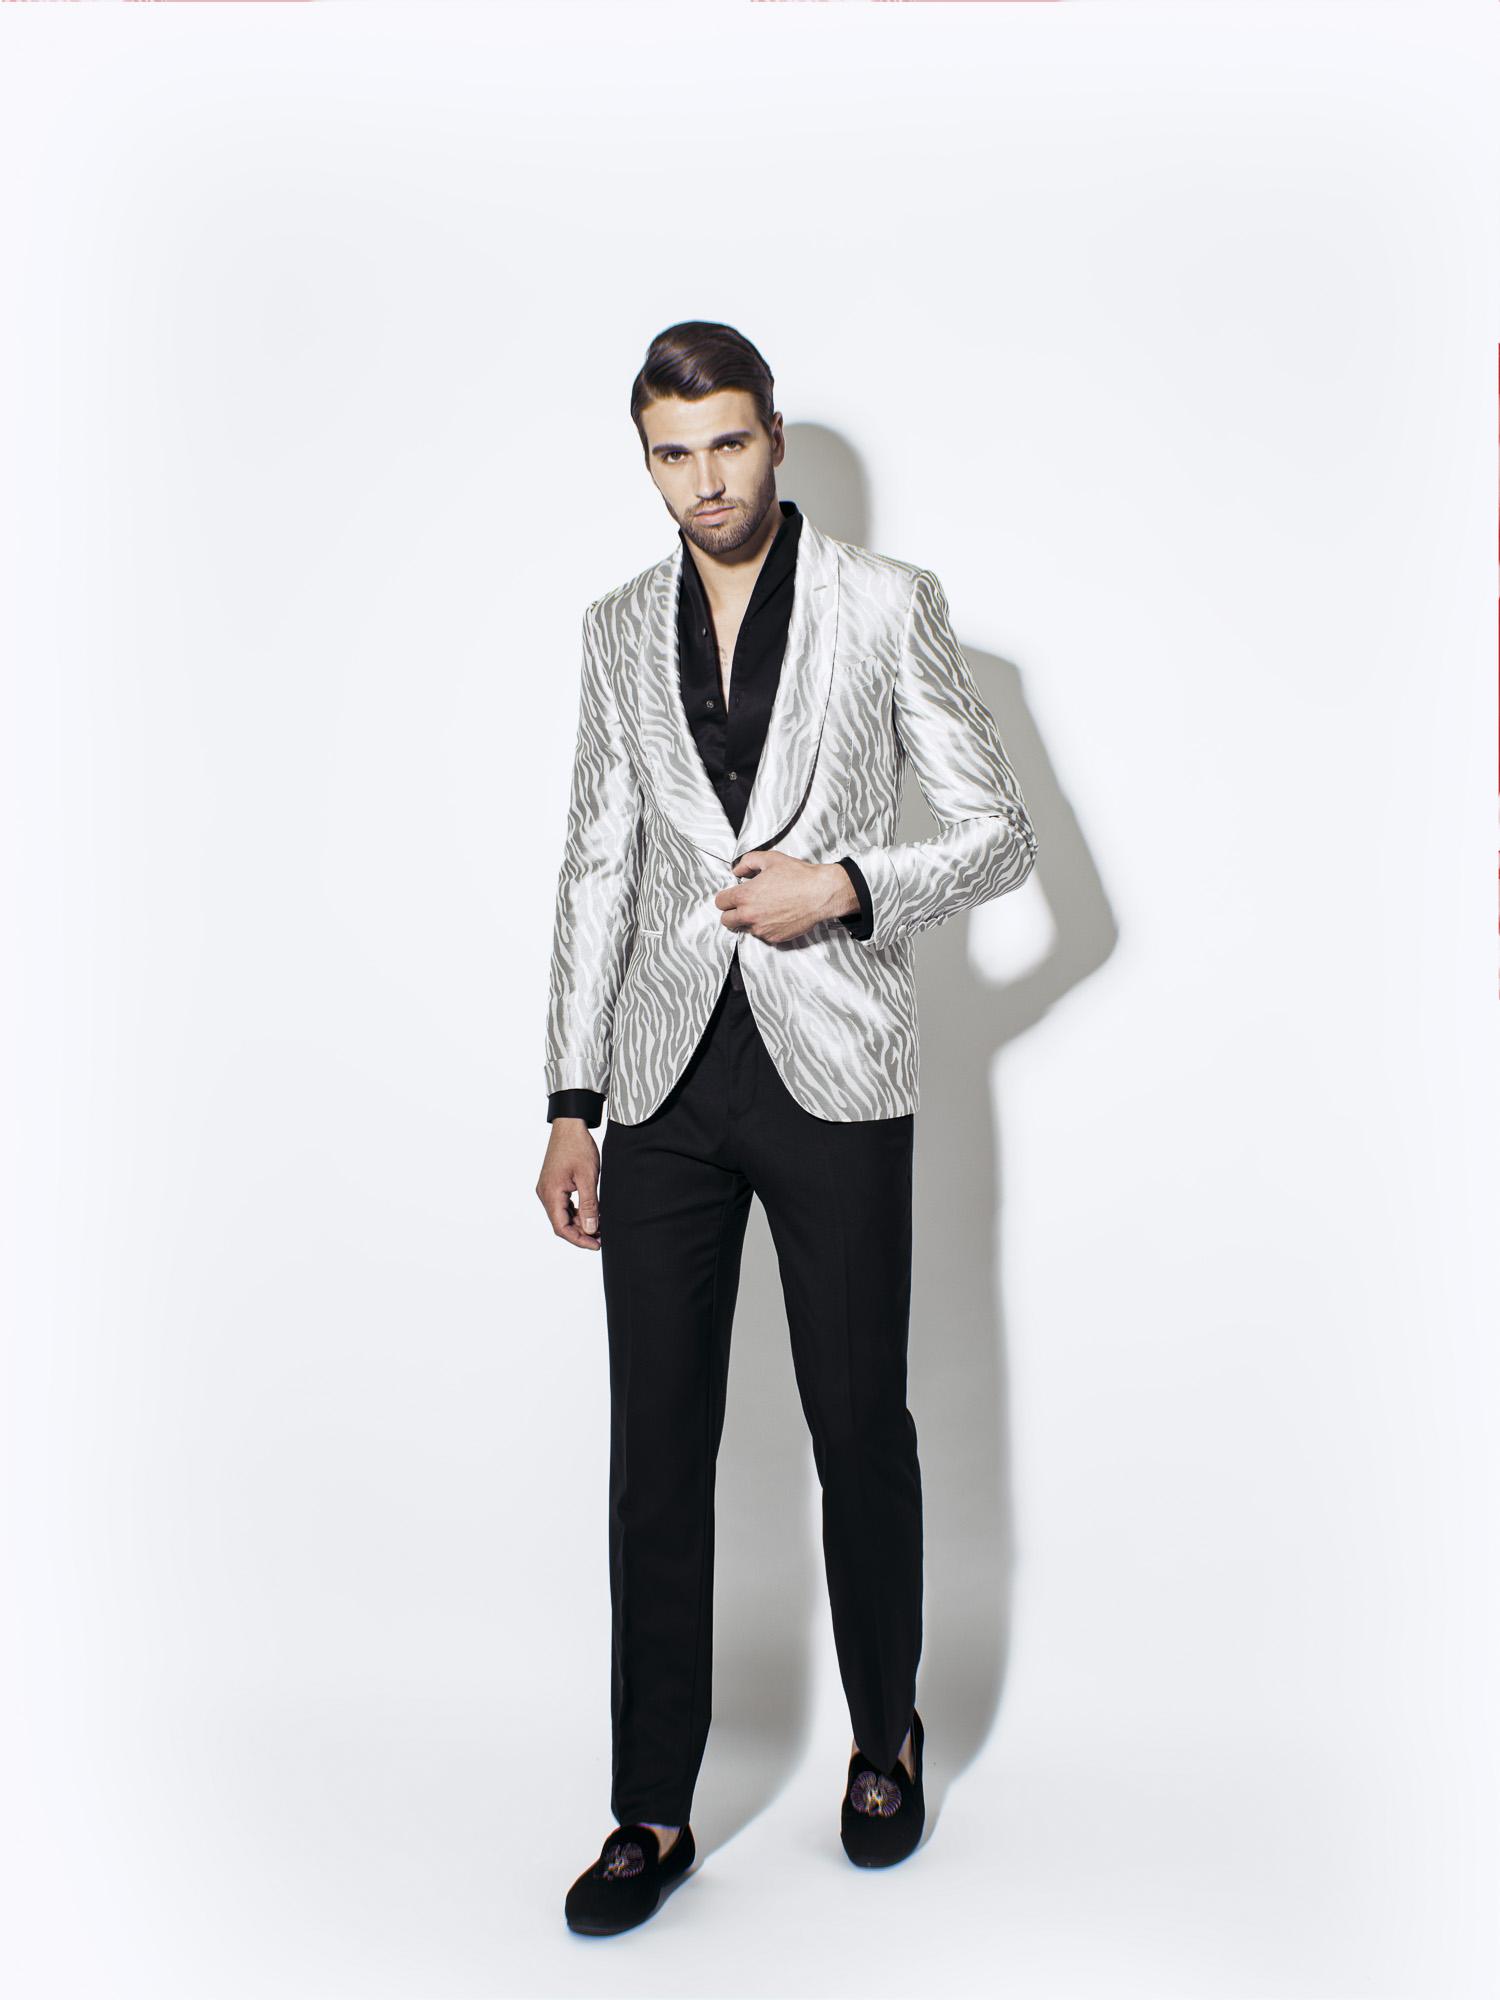 Fashion photography studio singapore services asia photographer photoshoot model jacket deboneire jose jeuland 5